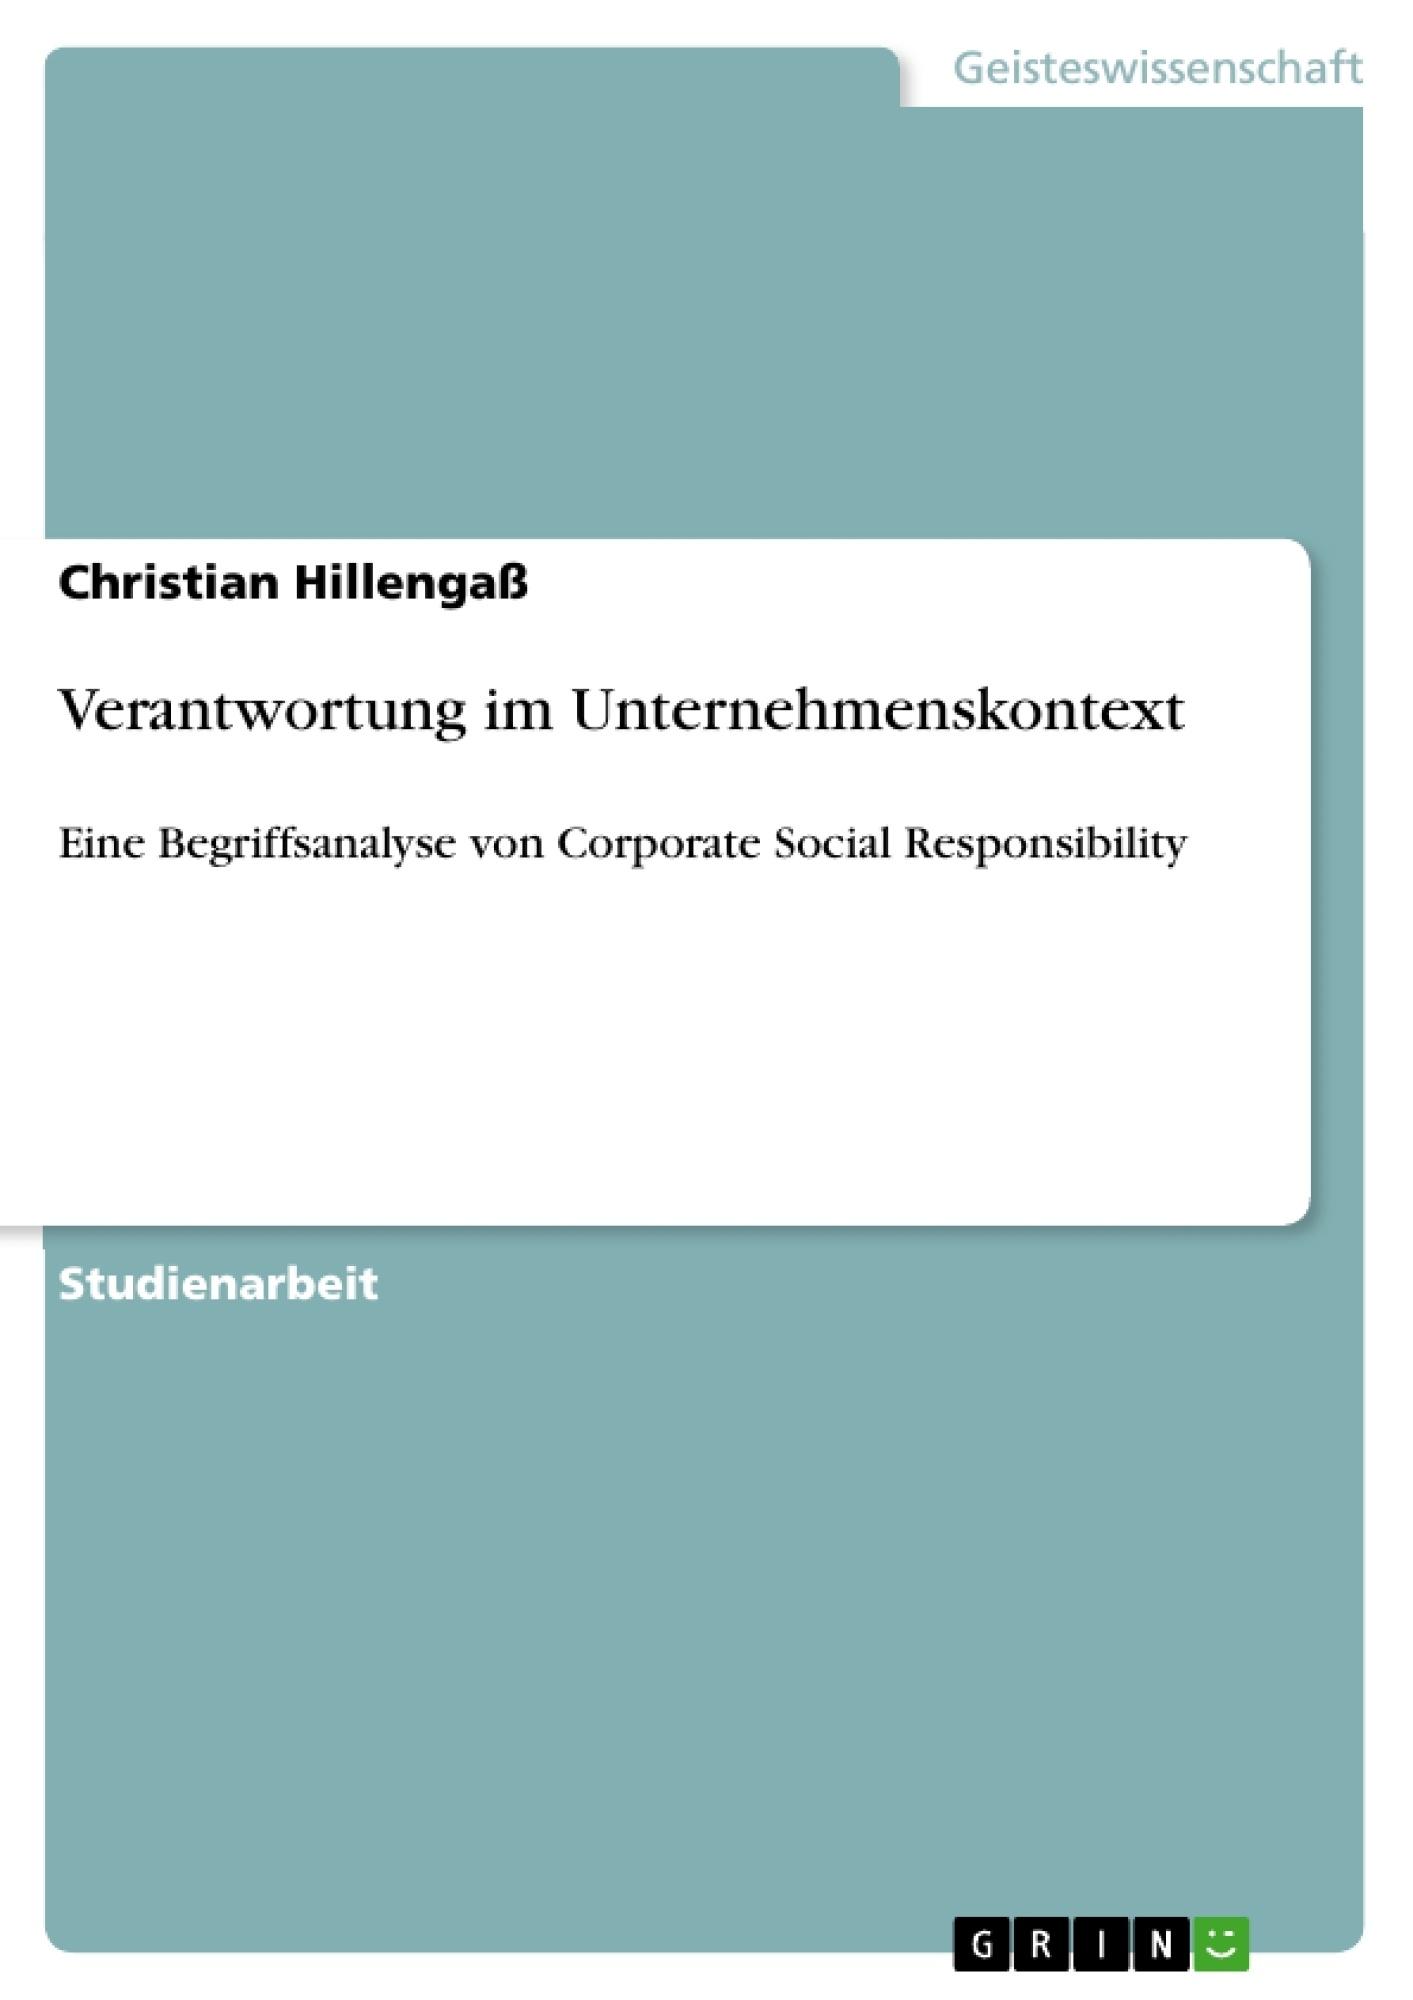 Titel: Verantwortung im Unternehmenskontext